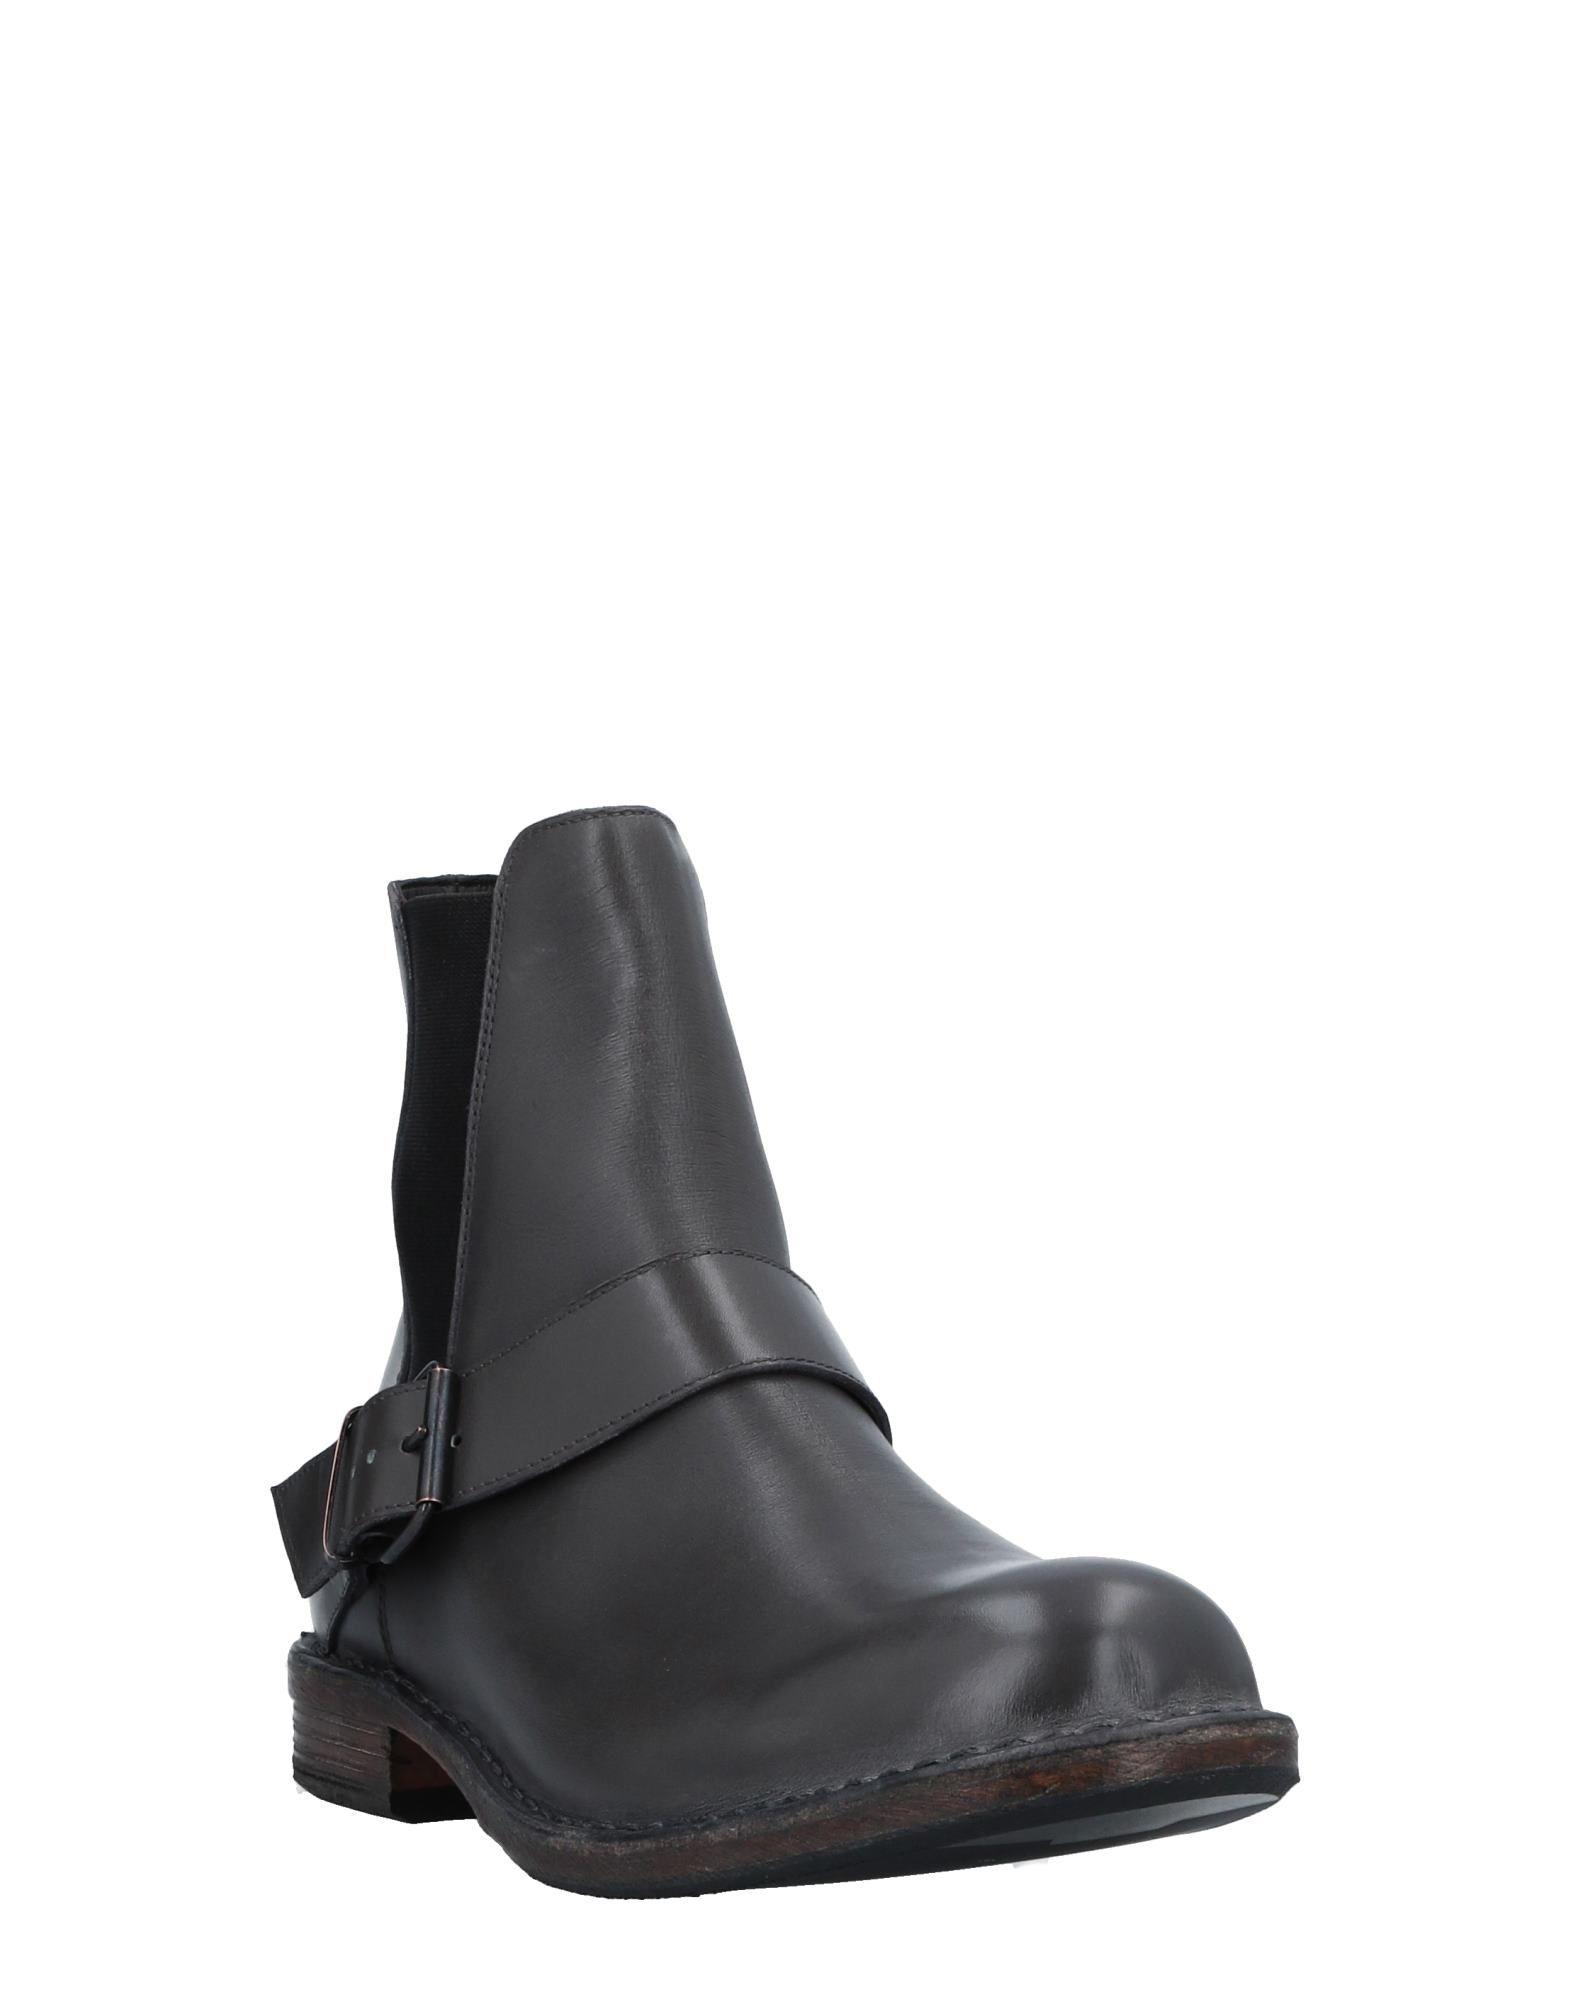 Moma Schuhe Stiefelette Herren  11512634WA Gute Qualität beliebte Schuhe Moma 991f12